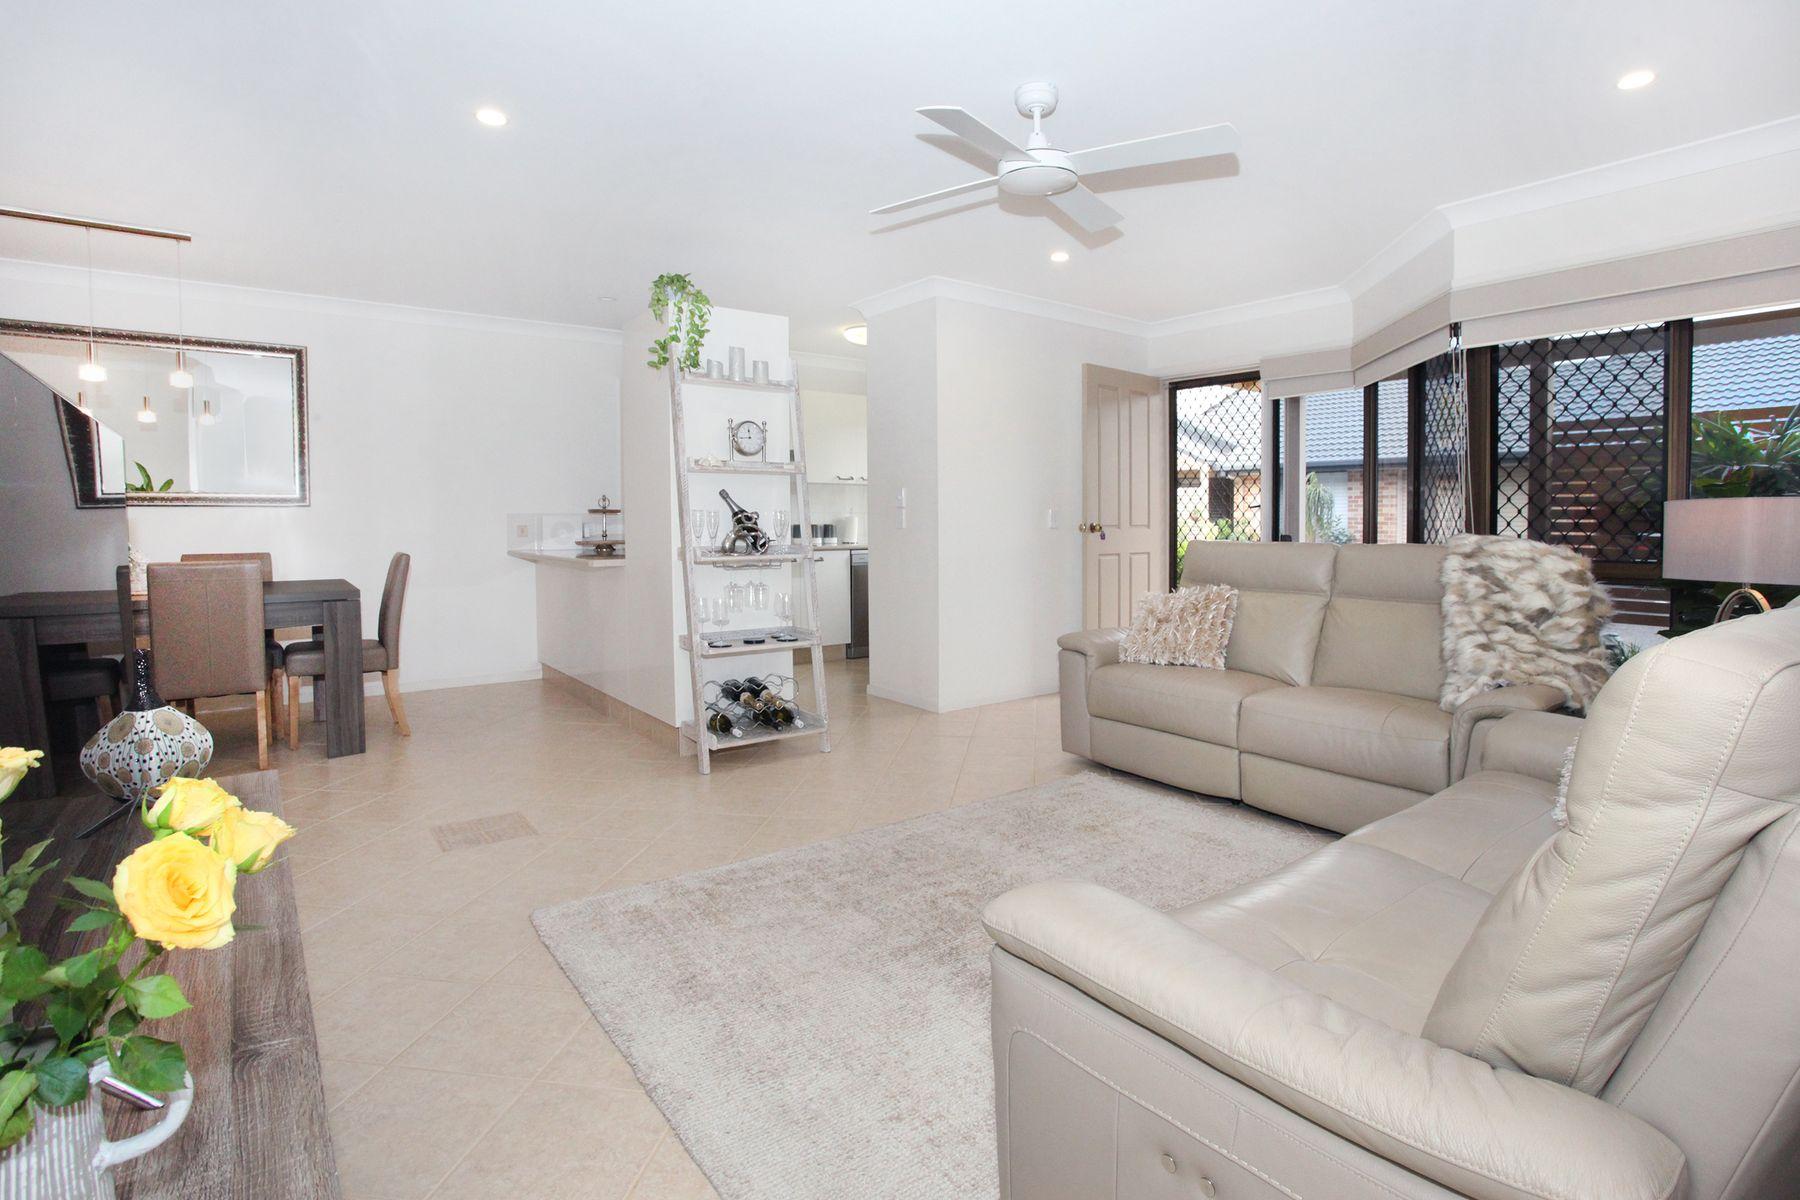 26/9 Maroochy Waters Drive, Maroochydore, QLD 4558